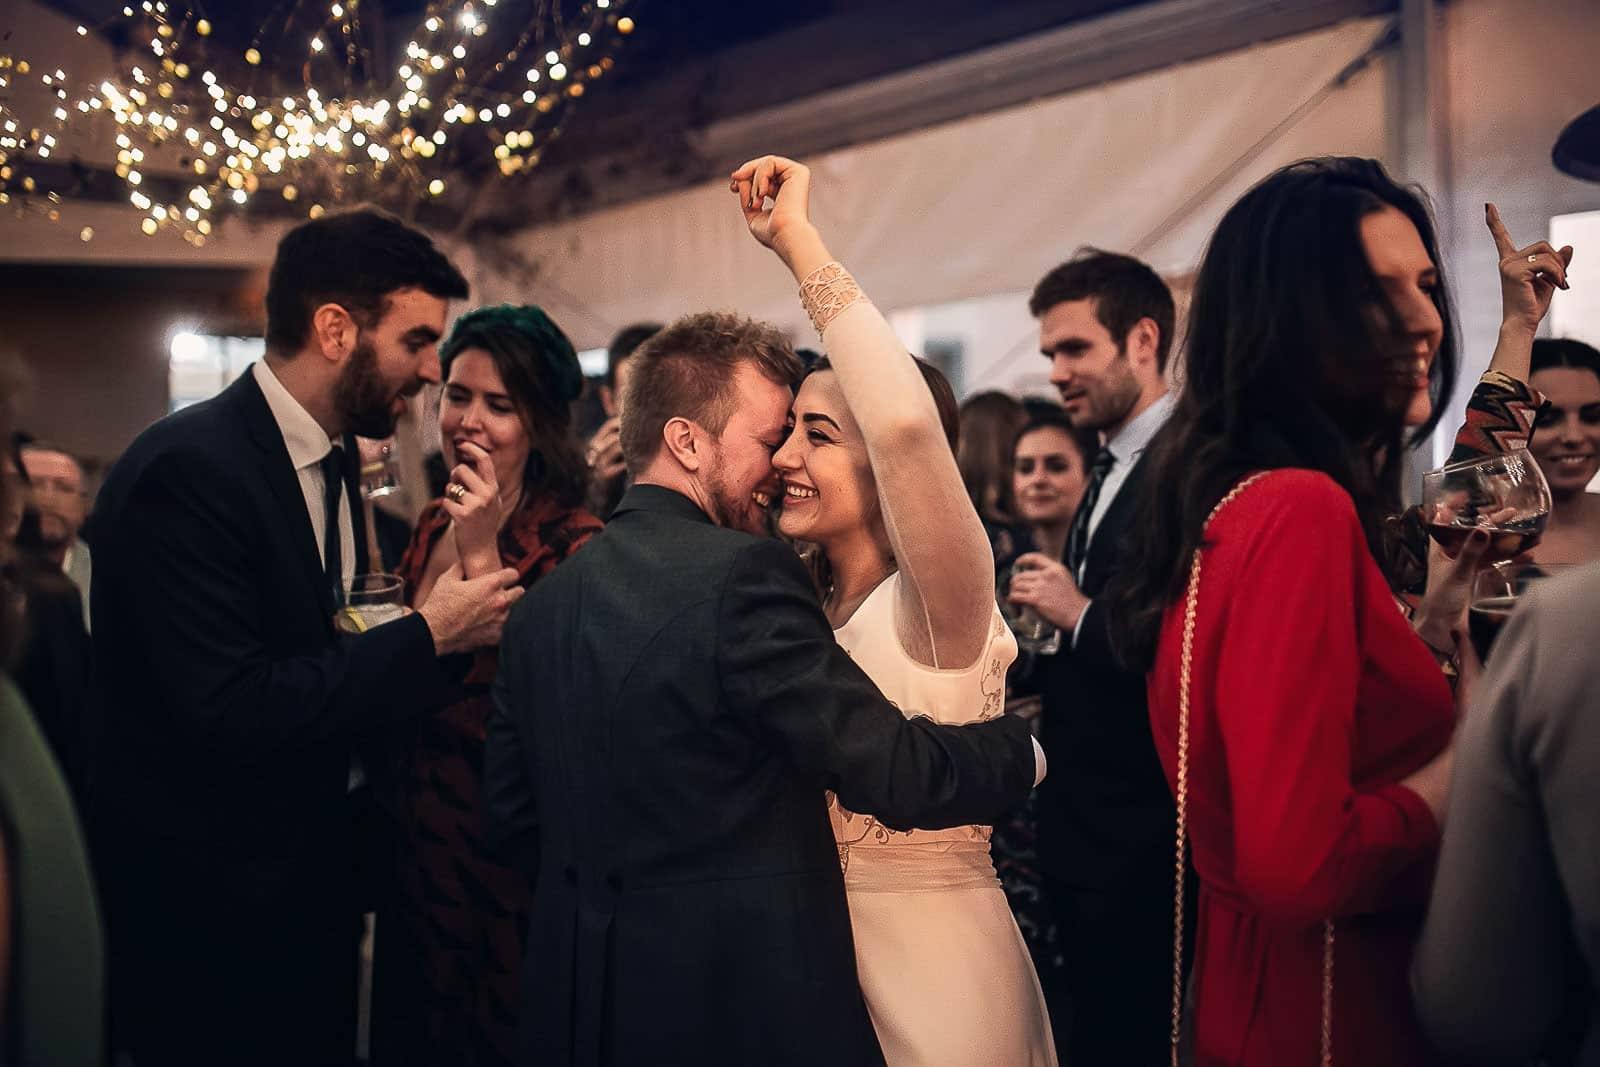 baile noche boda fiesta copas amigos invitados novios